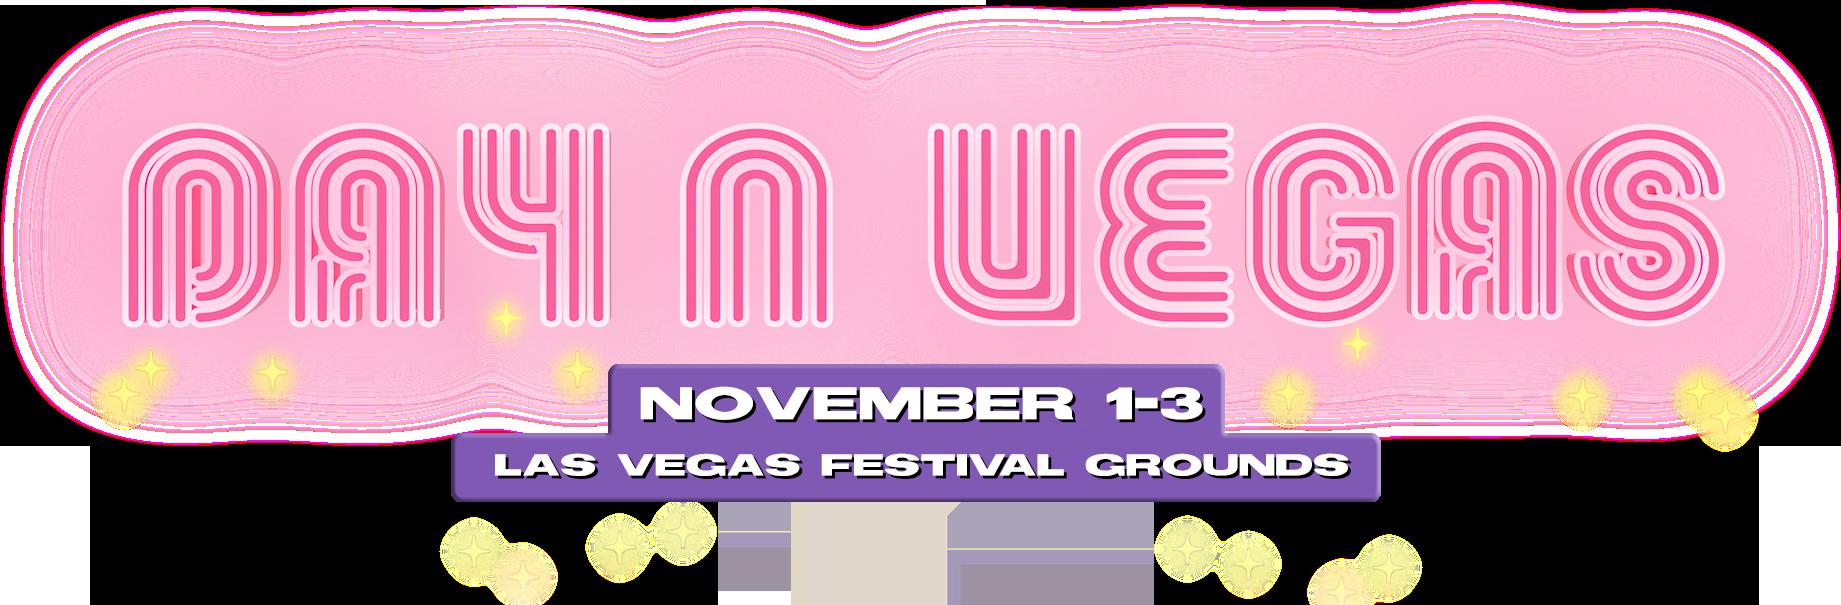 Day N Vegas - Nov 1-3, 2019 - Las Vegas Festival Grounds